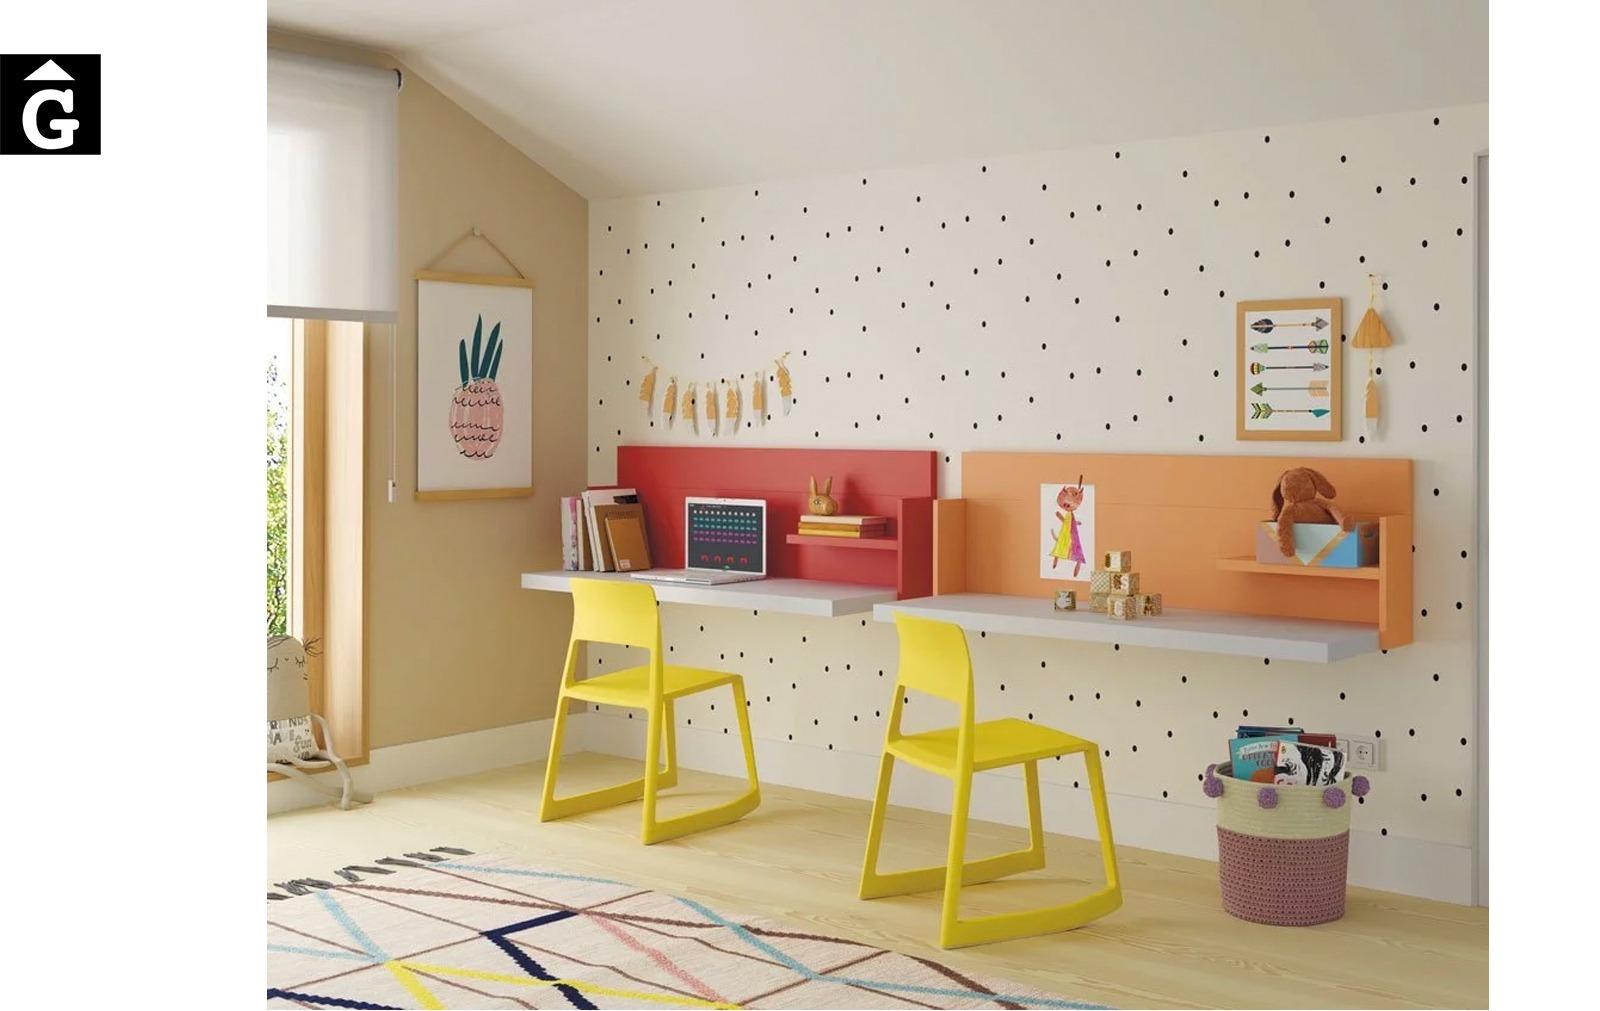 Escriptoris infantils a paret   Up & Down   llits abatibles   Pràctics, saludables i segurs   Jotajotape   mobles Gifreu